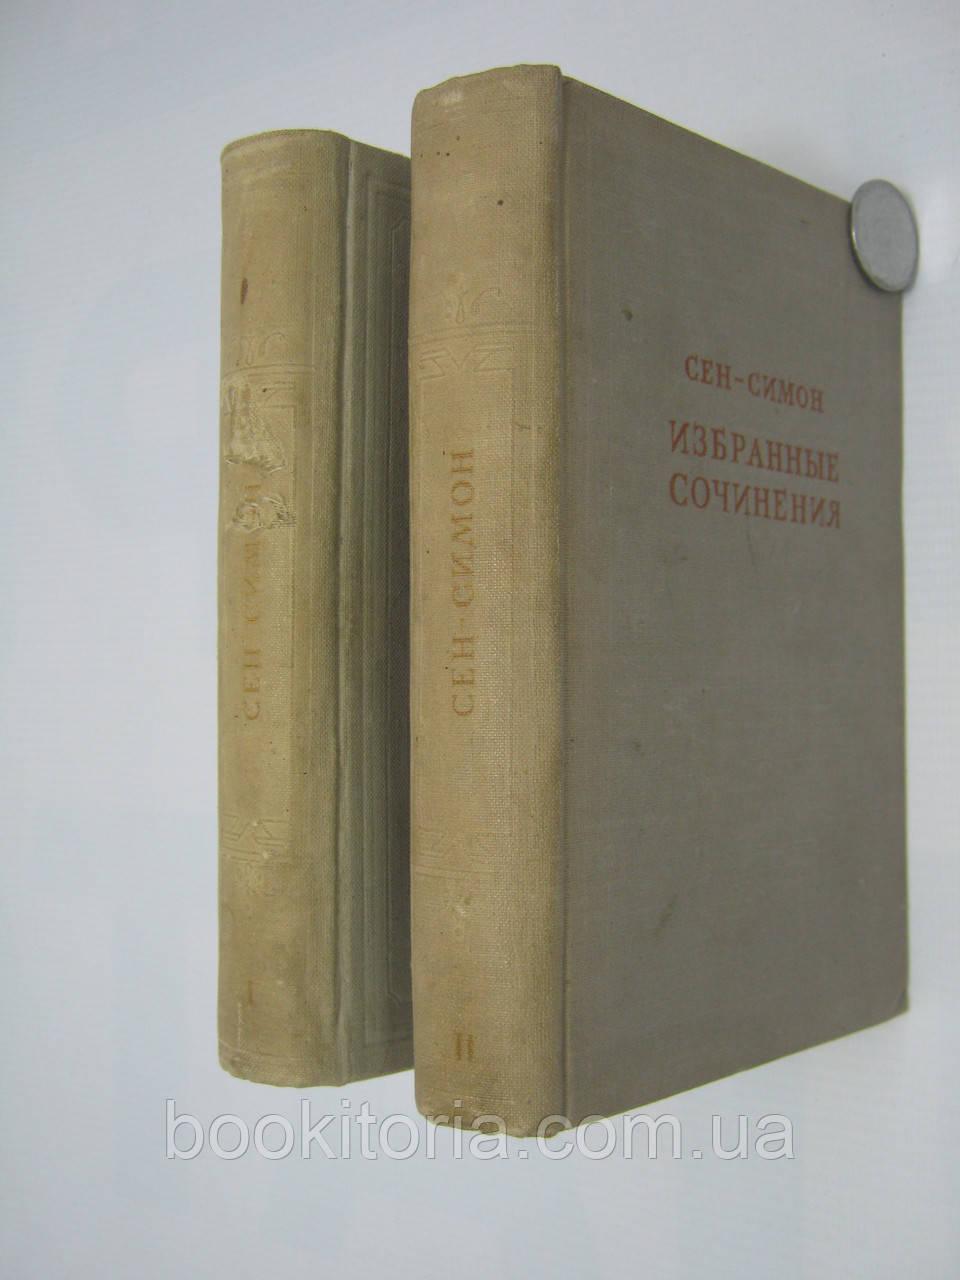 Сен-Симон. Избранные сочинения. В 2-х томах (б/у).